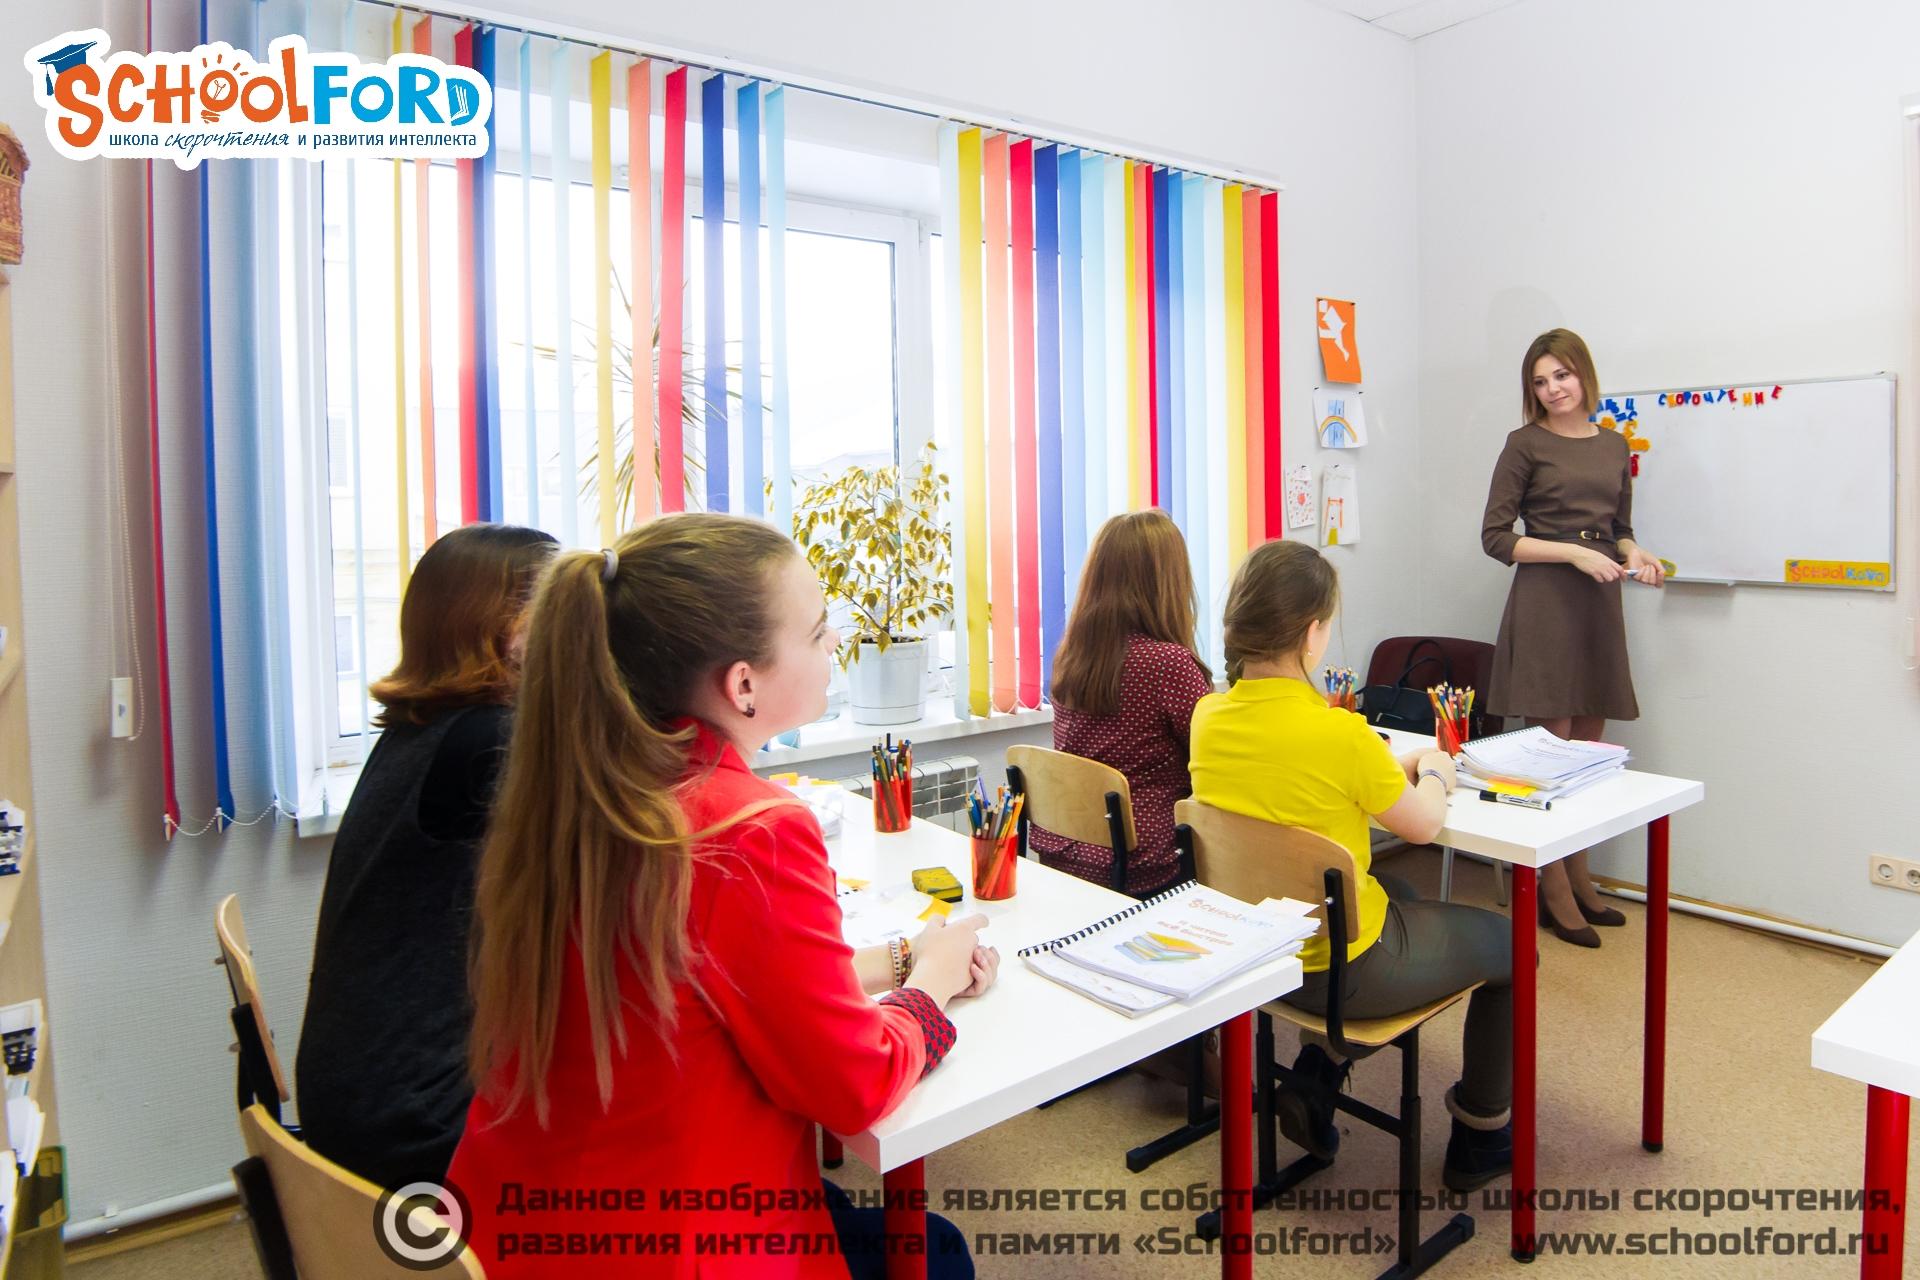 Занятия на курсе «Скорочтение и развитие интеллекта для взрослых». Фото №3